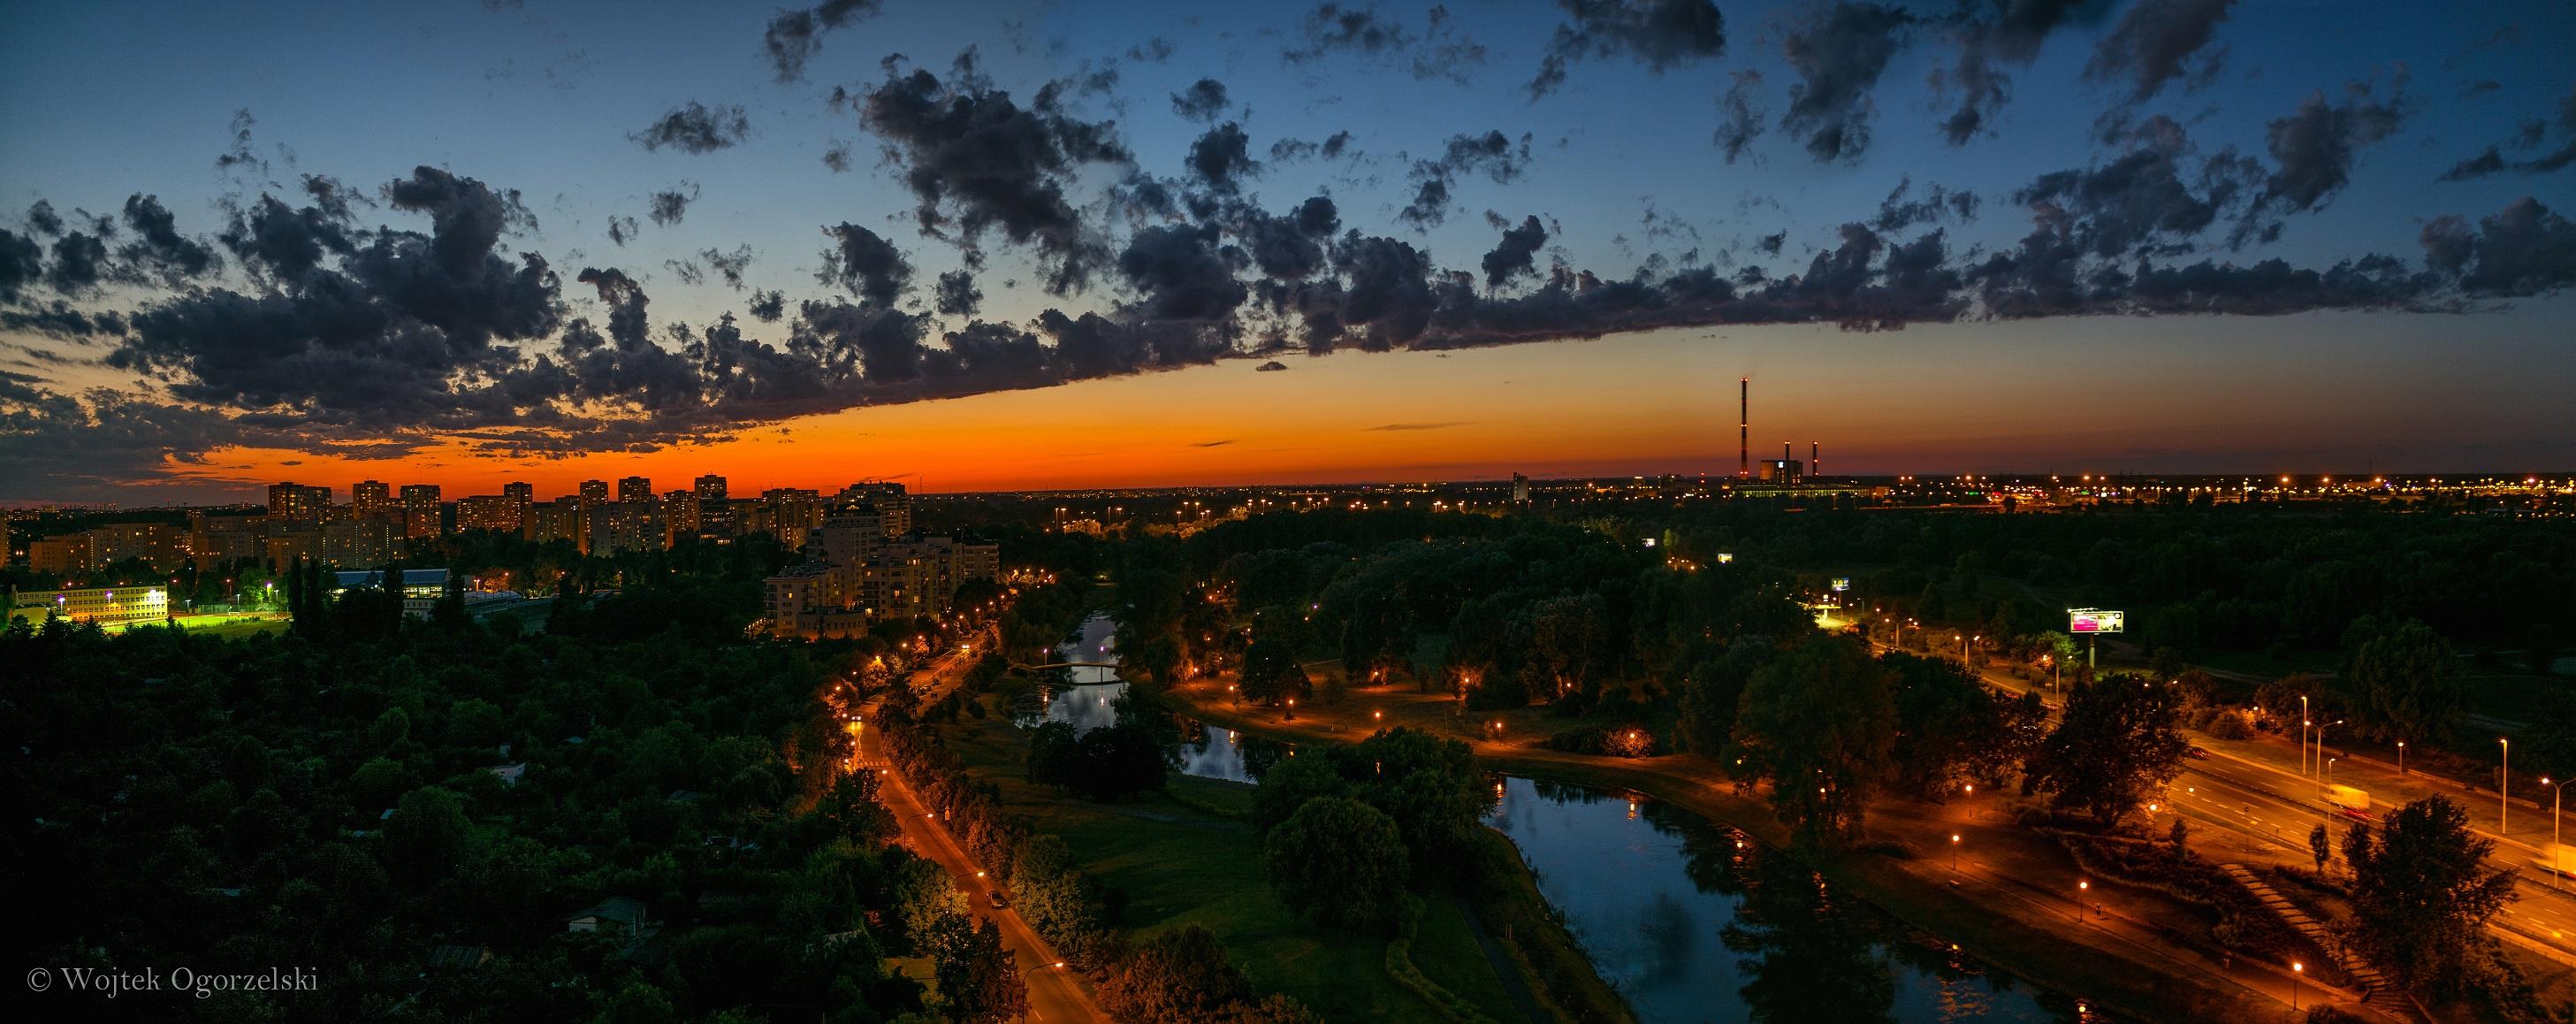 """© Sunset Warsaw. Photographer Wojtek Ogorzelski. Photography World article, """"ORGANIC ARCHITECTURE: European Photographer Wojtek Ogorzelski- Norway, Poland & Portugal"""" photographyworld.org"""